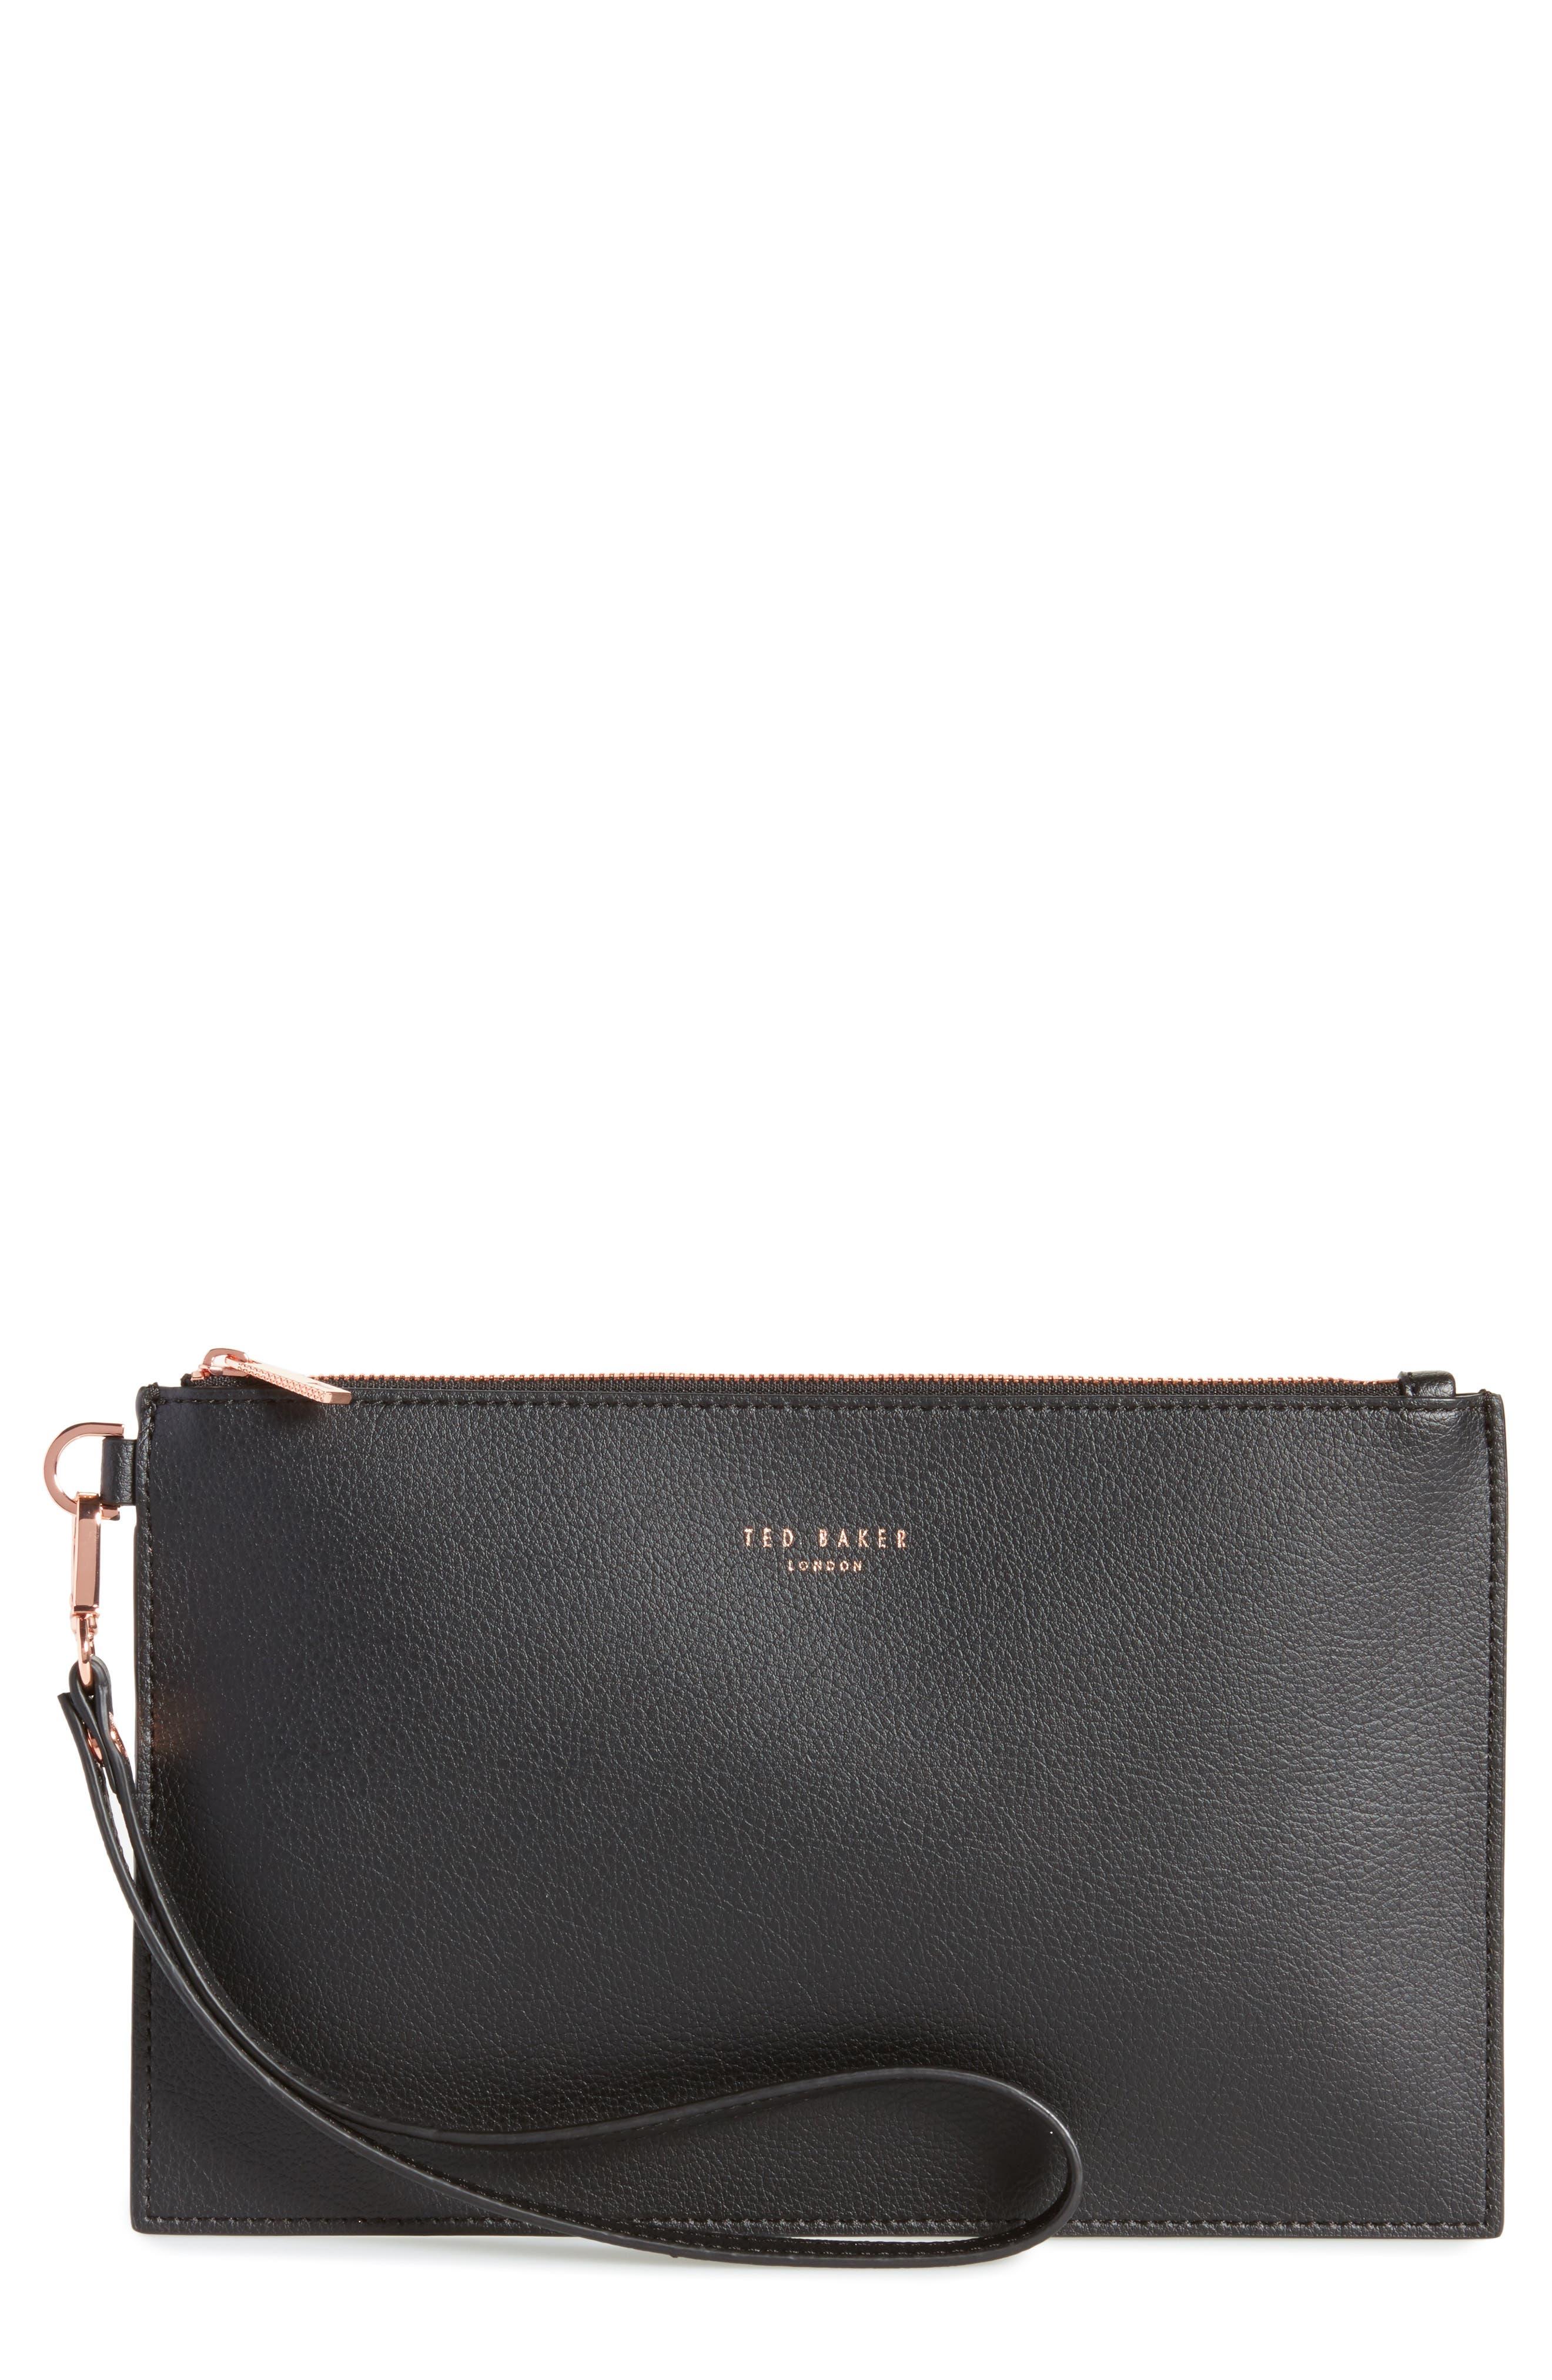 Top Zip Faux Leather Pouch,                         Main,                         color, Black